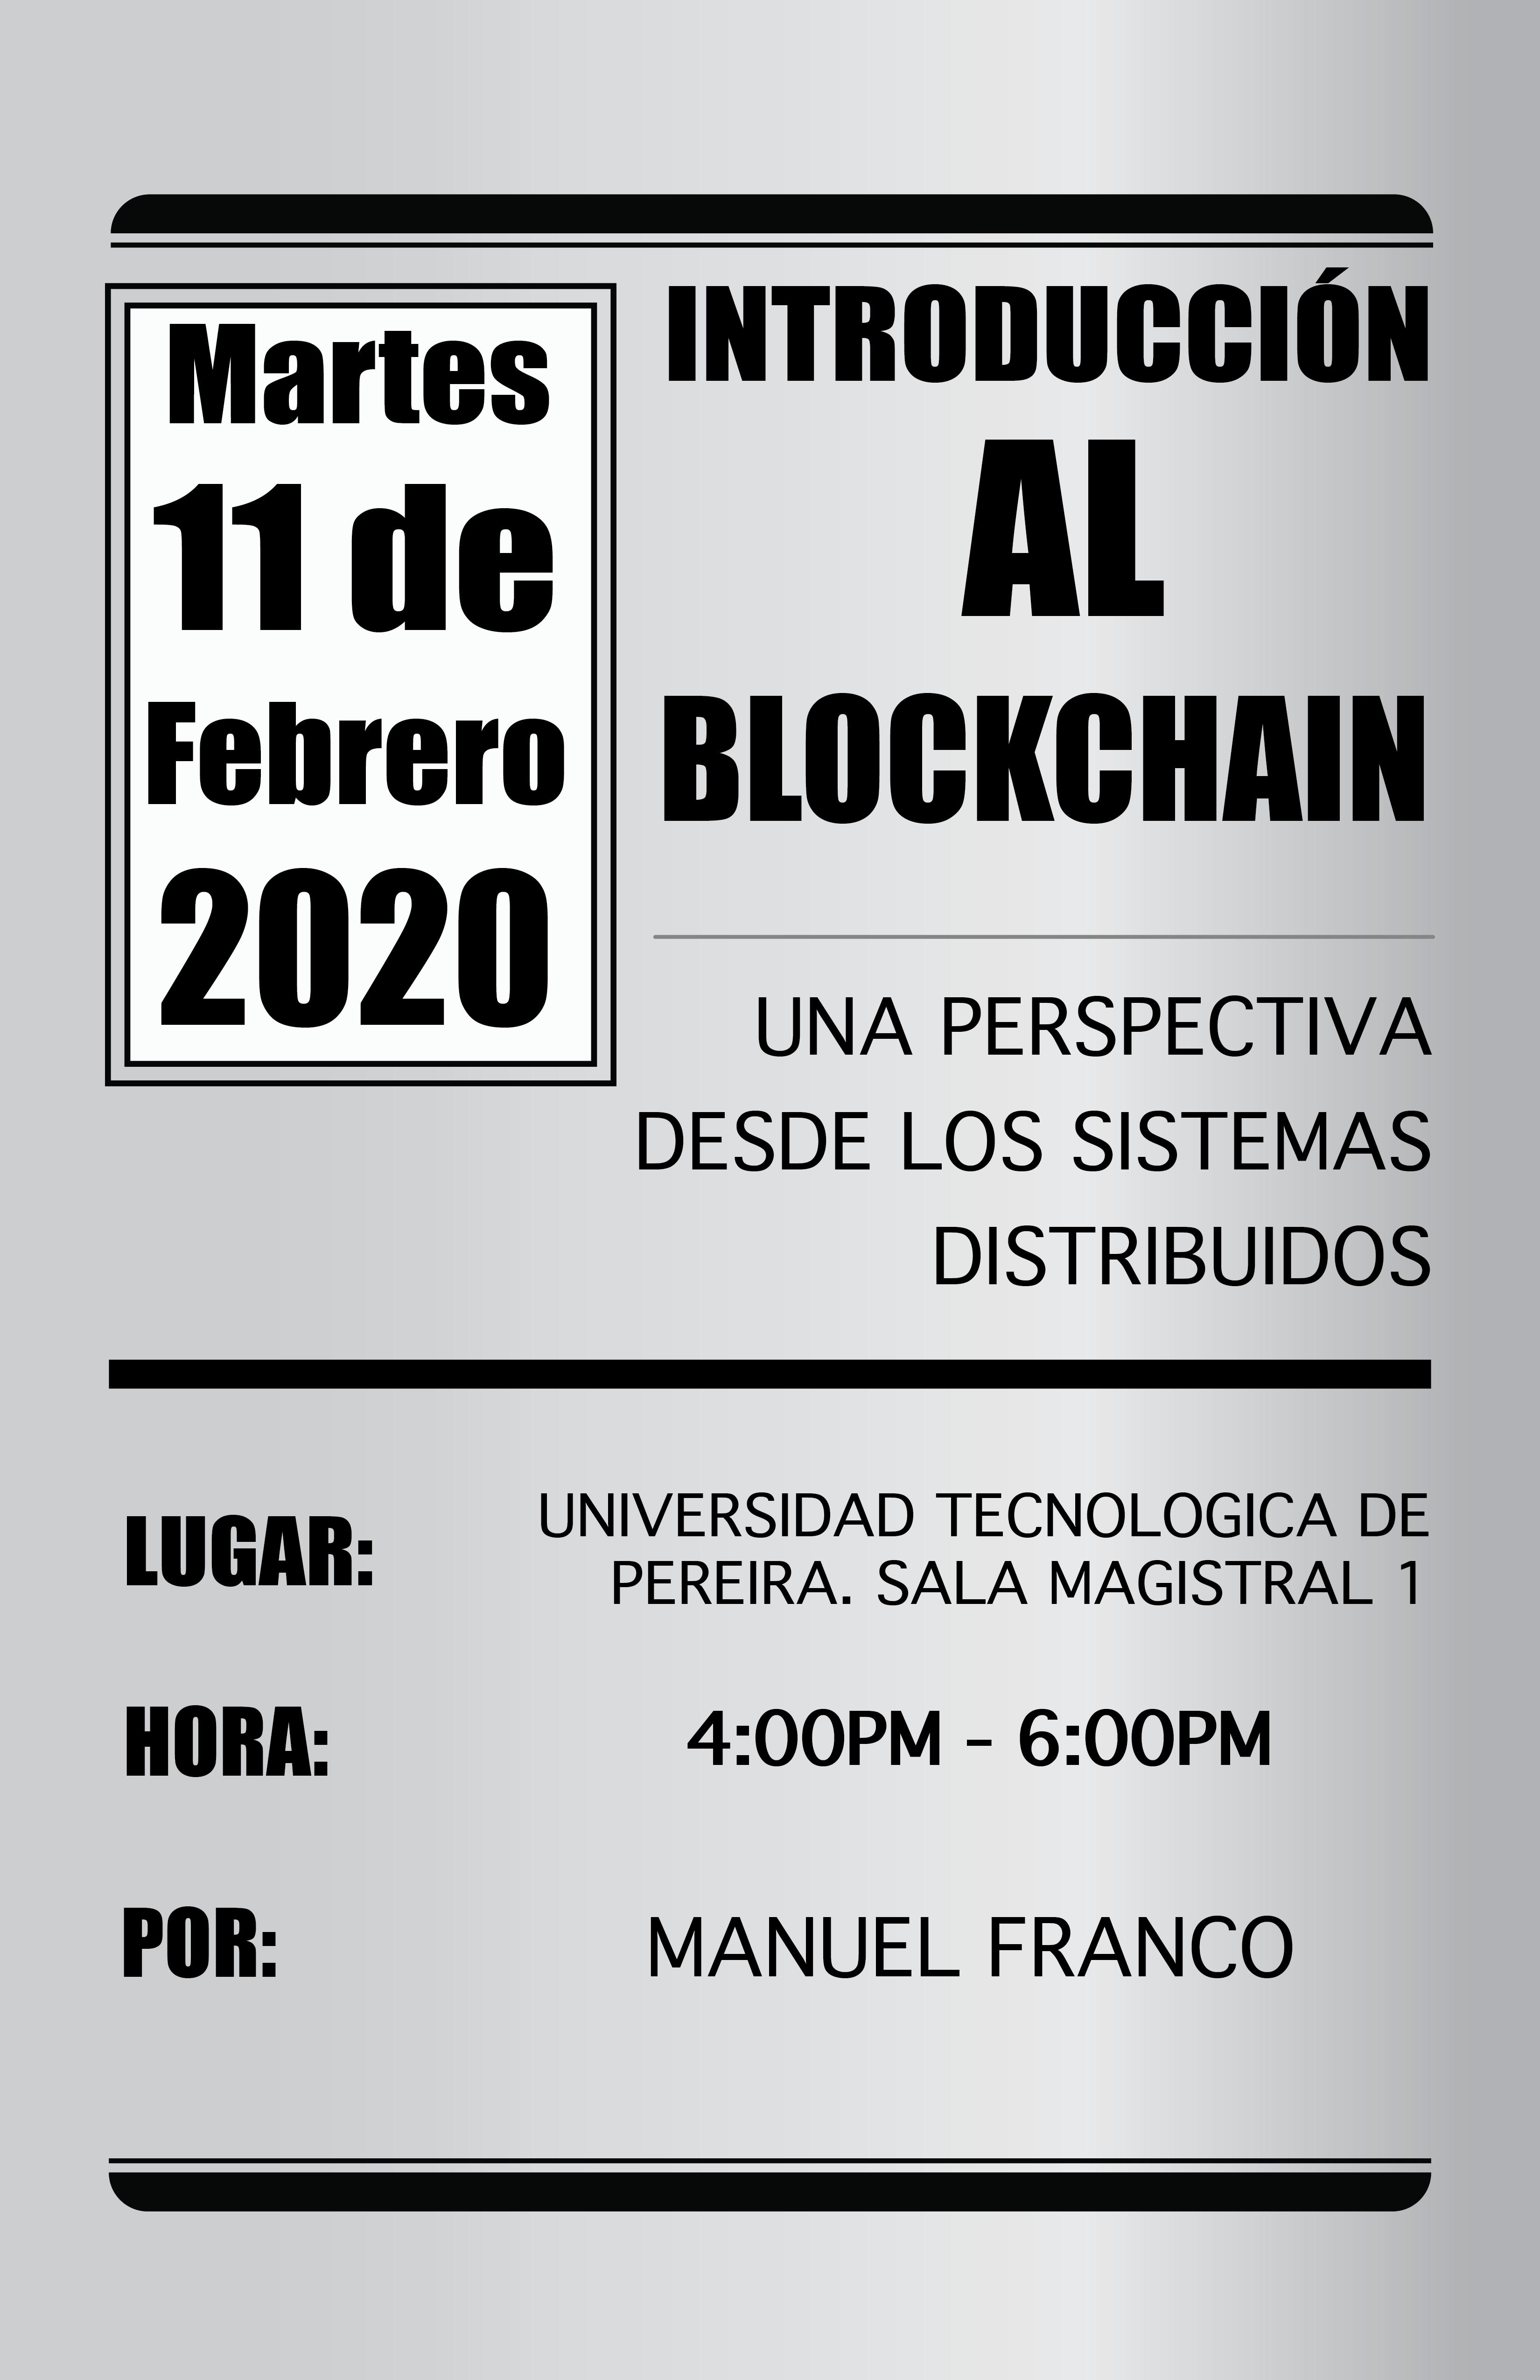 Conferencia: Introducción al Blockchain, una perspectiva desde los sistemas distribuidos